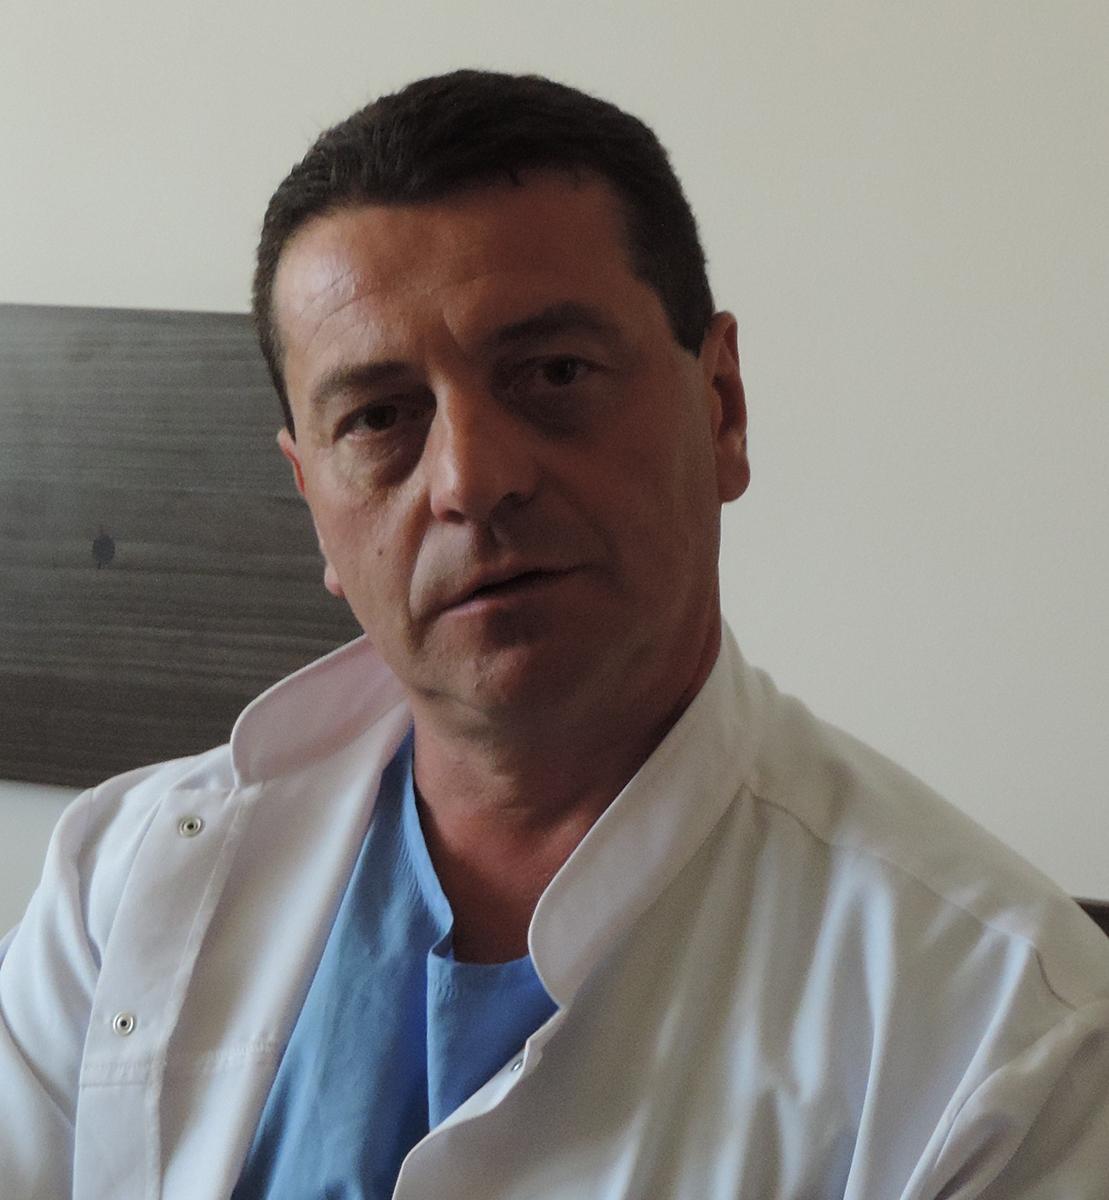 """Уникална за България съдова операция беше извършена в Университетска болница """"Софиямед"""""""